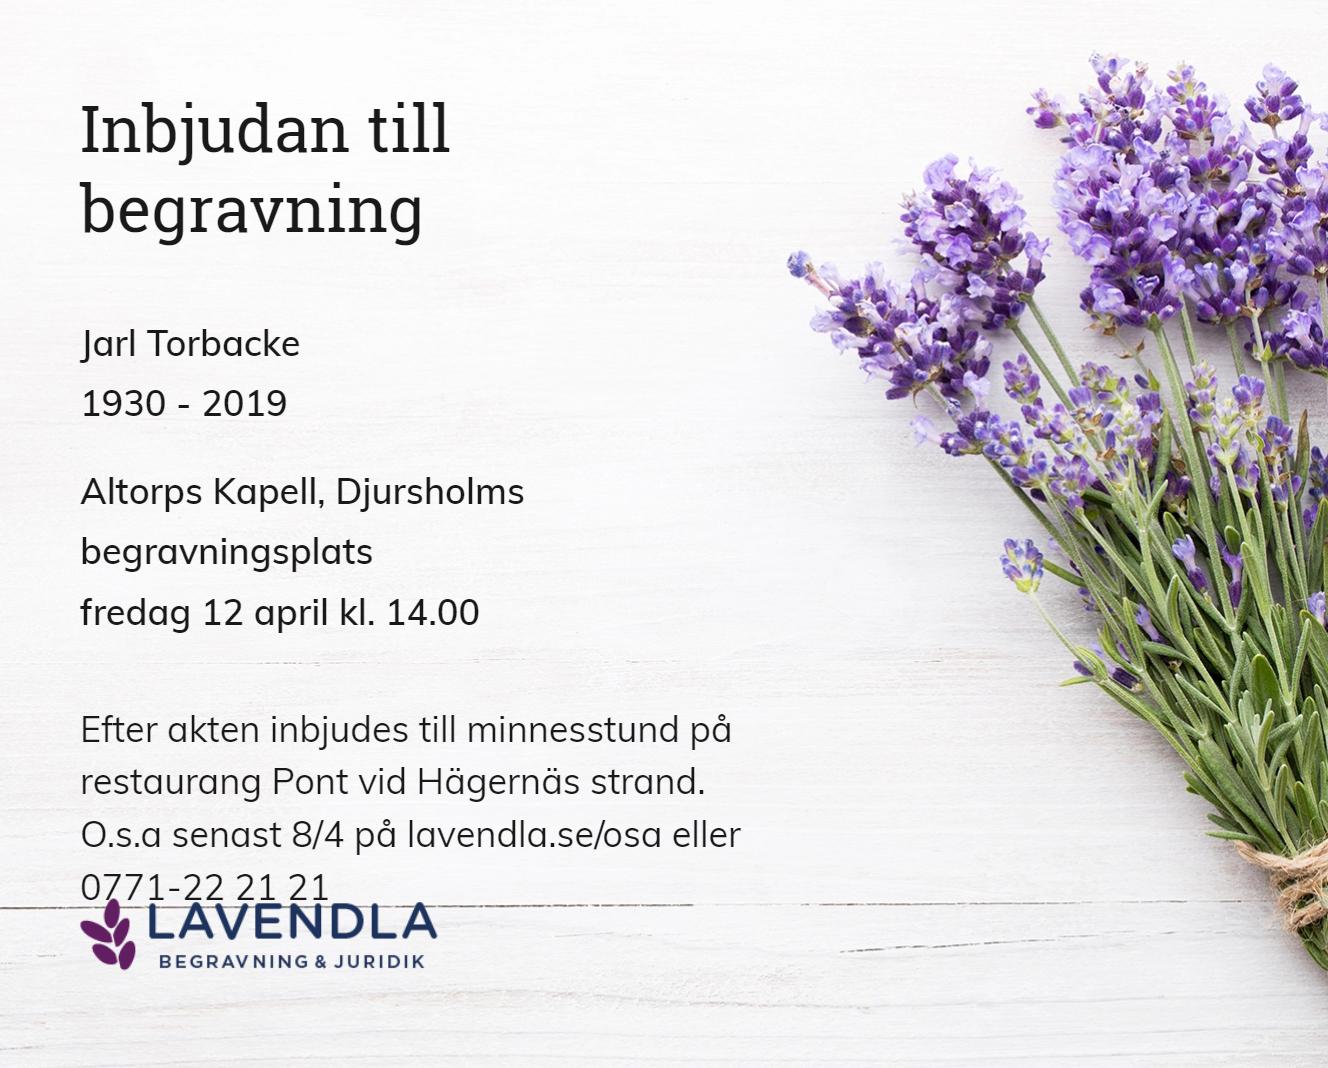 Inbjudningskort till ceremonin för Jarl Torbacke